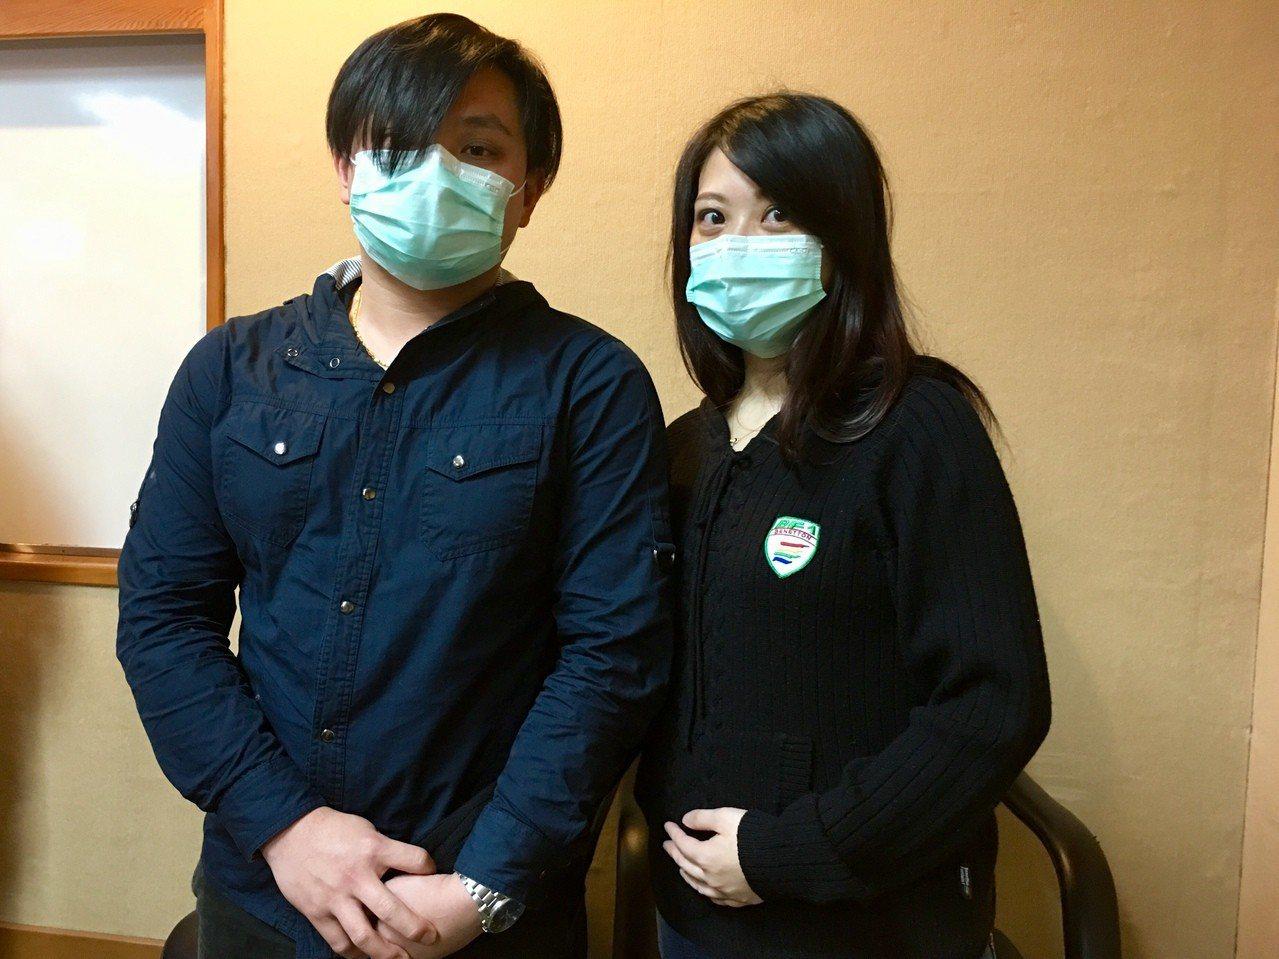 29歲陳先生(左)曾因隱睪症切除左側睪丸,卻於婚後孕前健康檢查發現有「無精症」,...